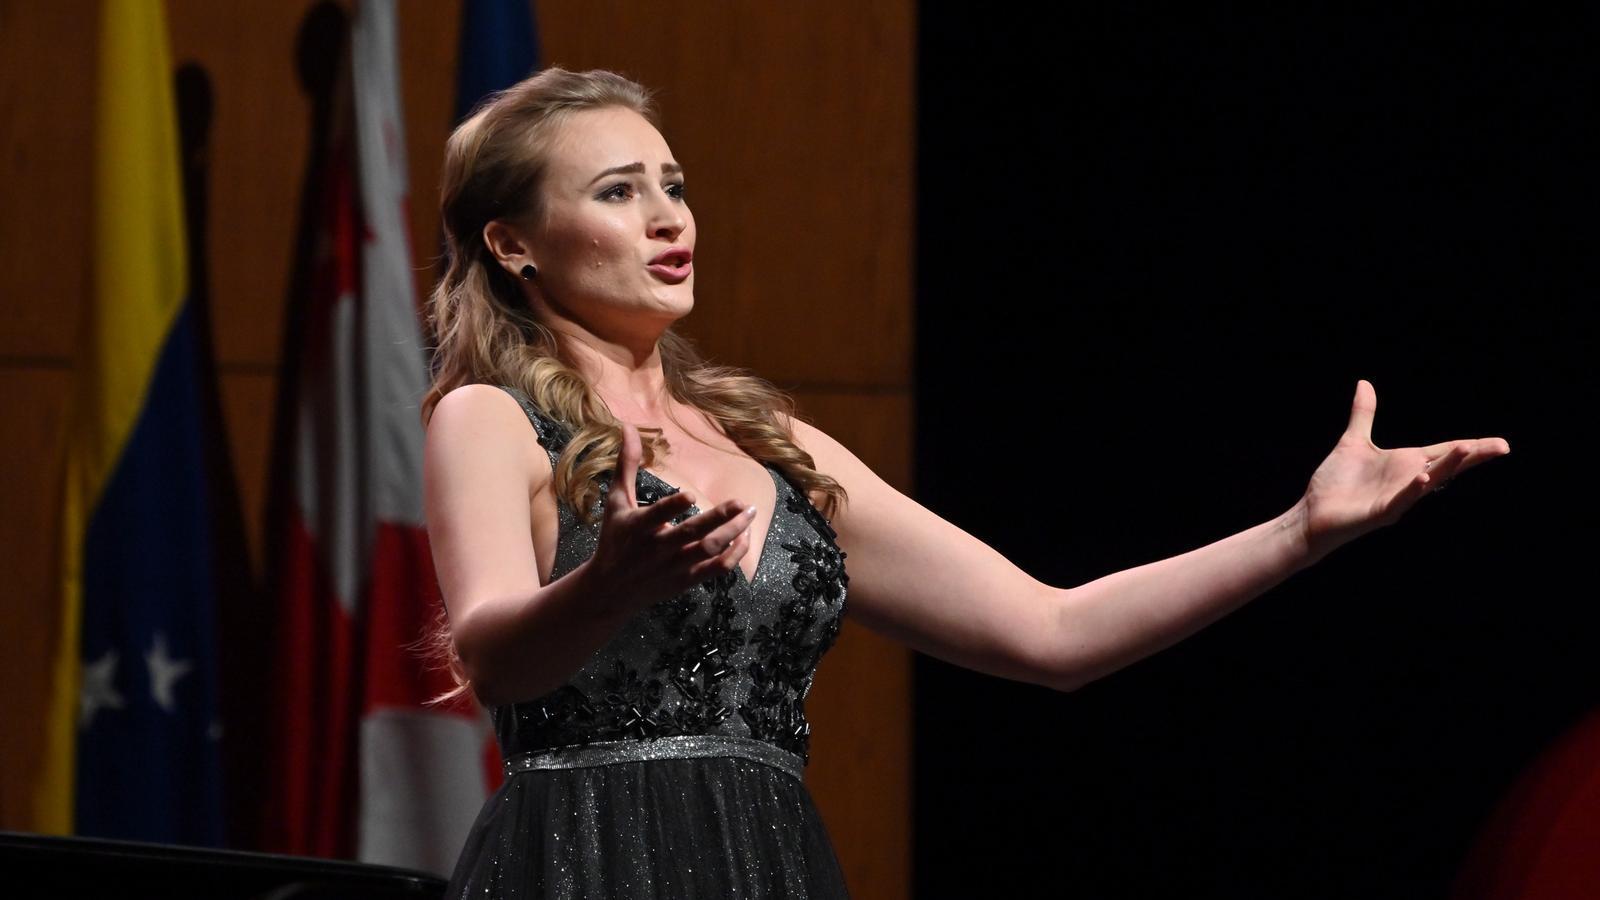 La mezzosoprano russa Victoria Karkatxeva, primer premi del 57è Concurs Tenor Viñas